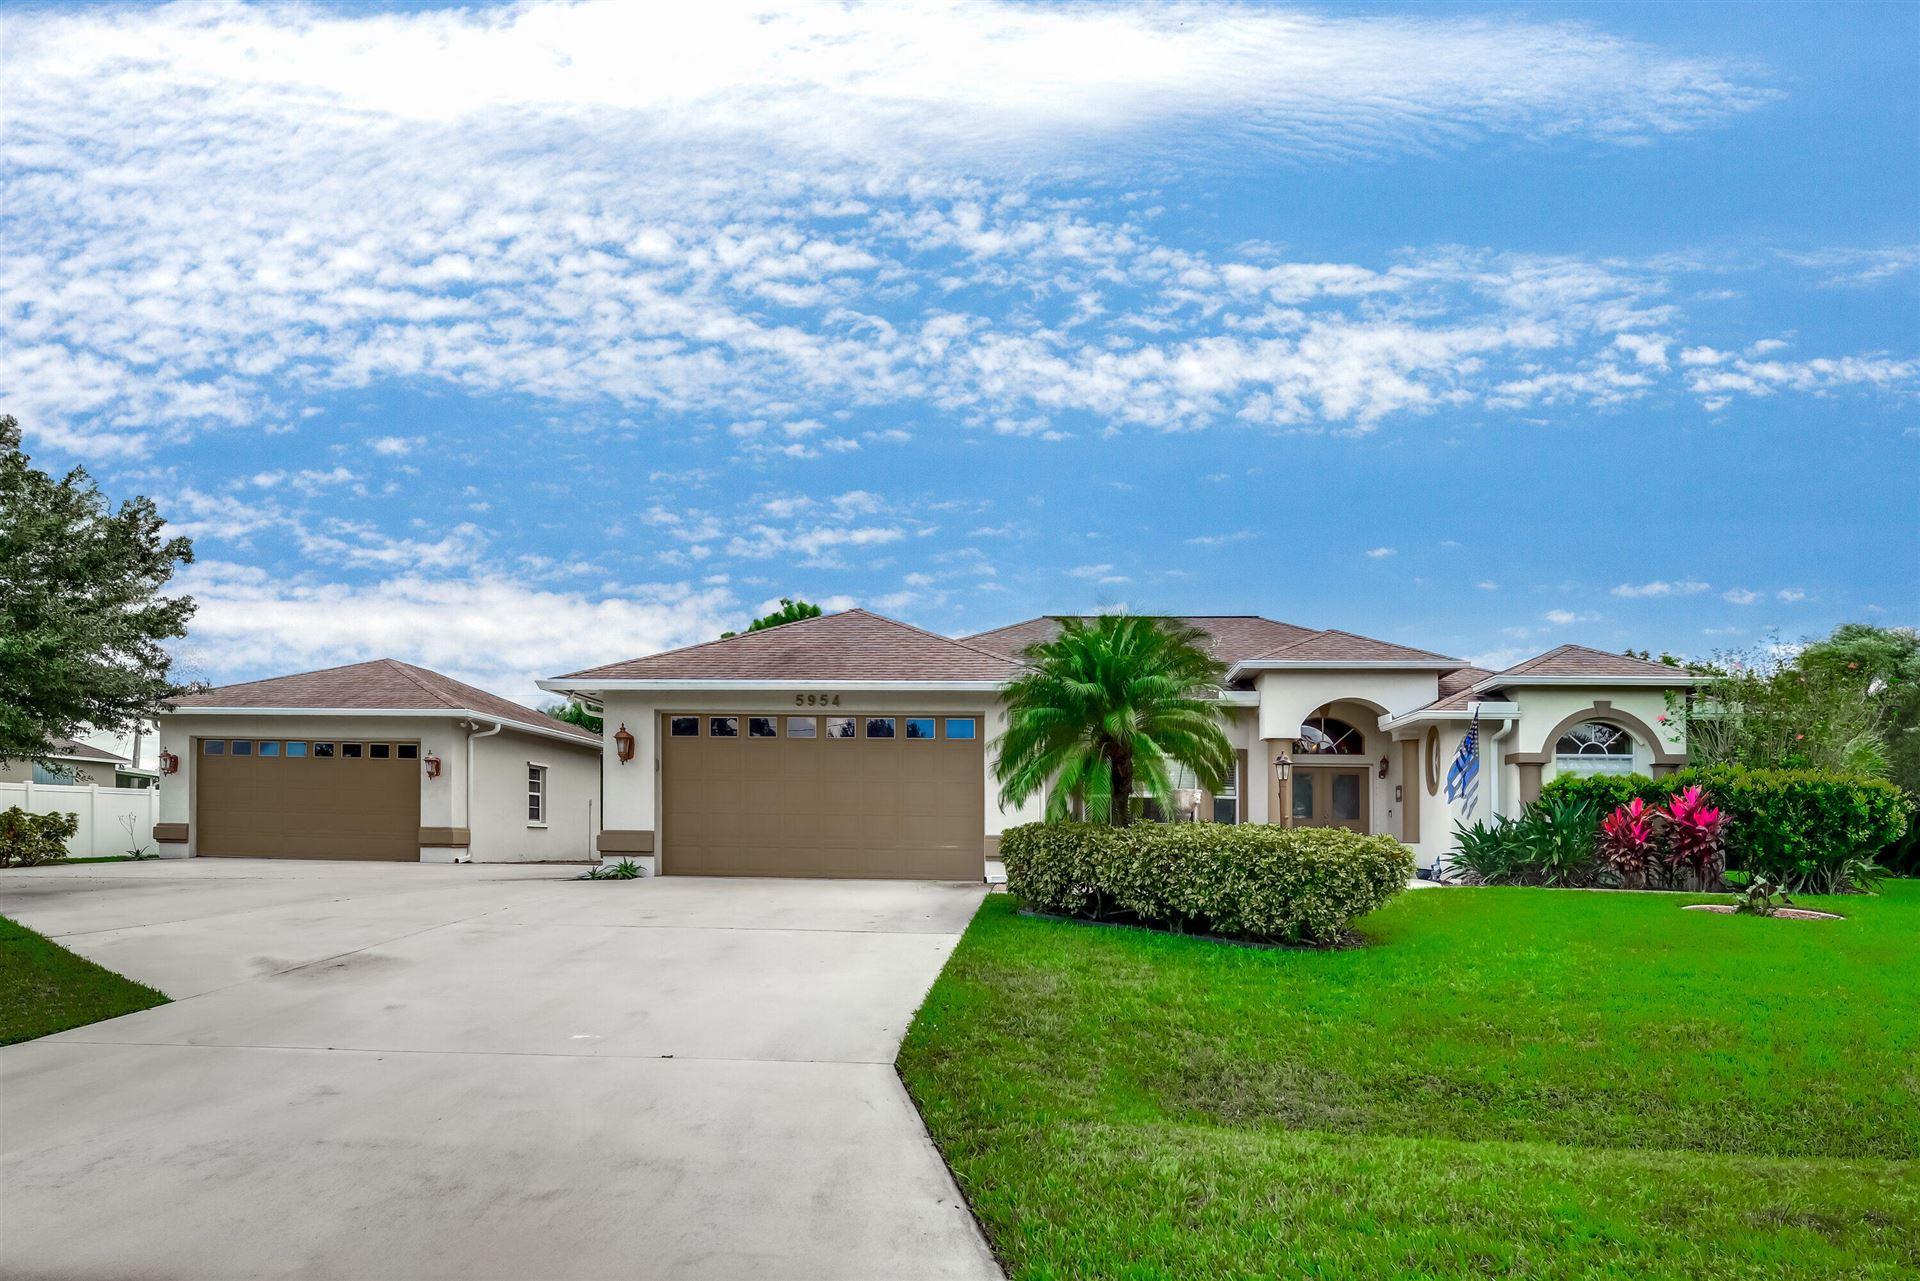 5954 NW Brenda Circle, Port Saint Lucie, FL 34986 - #: RX-10674452